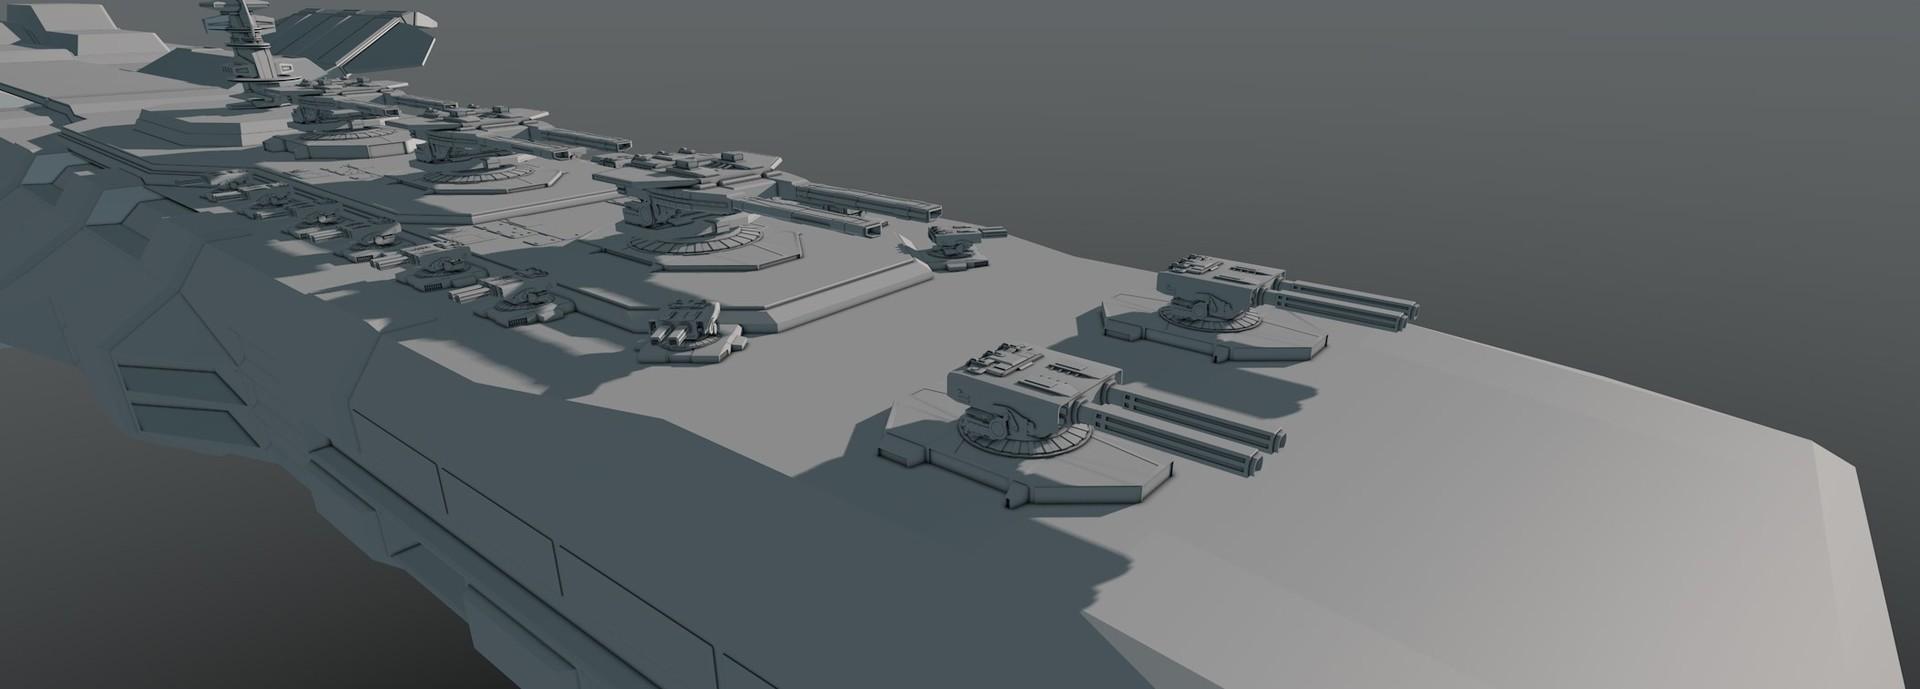 Glenn clovis concept battleship saratoga 12